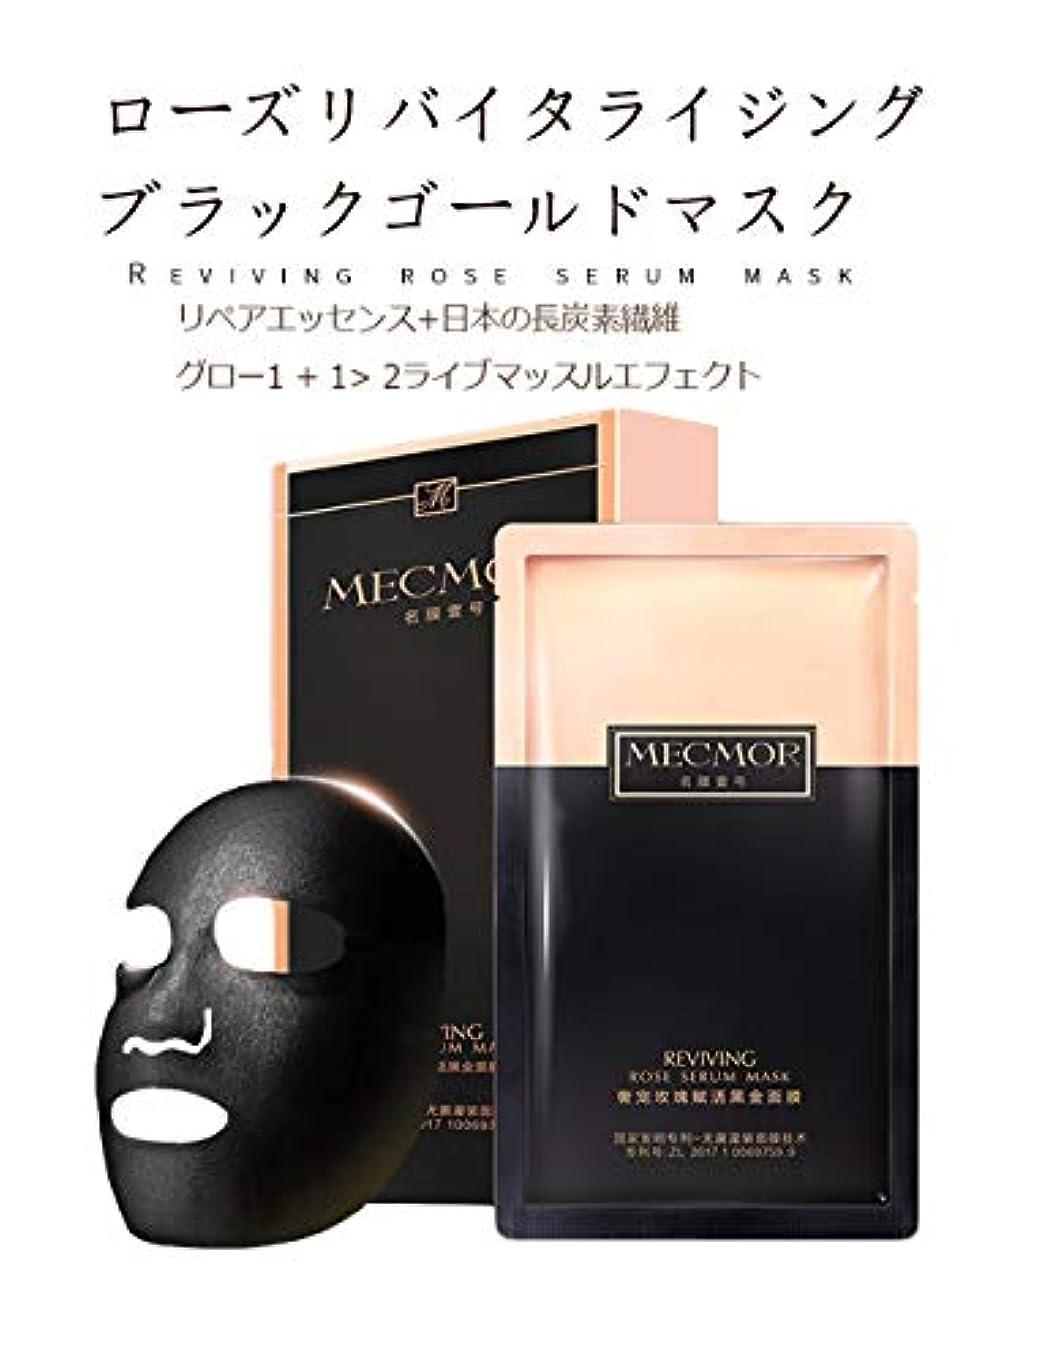 行う魔女部分的にMECMORローズブラックゴールドマスク、化学添加物なしエッセンスホワイトニング、引き締め肌、アンチエイジング